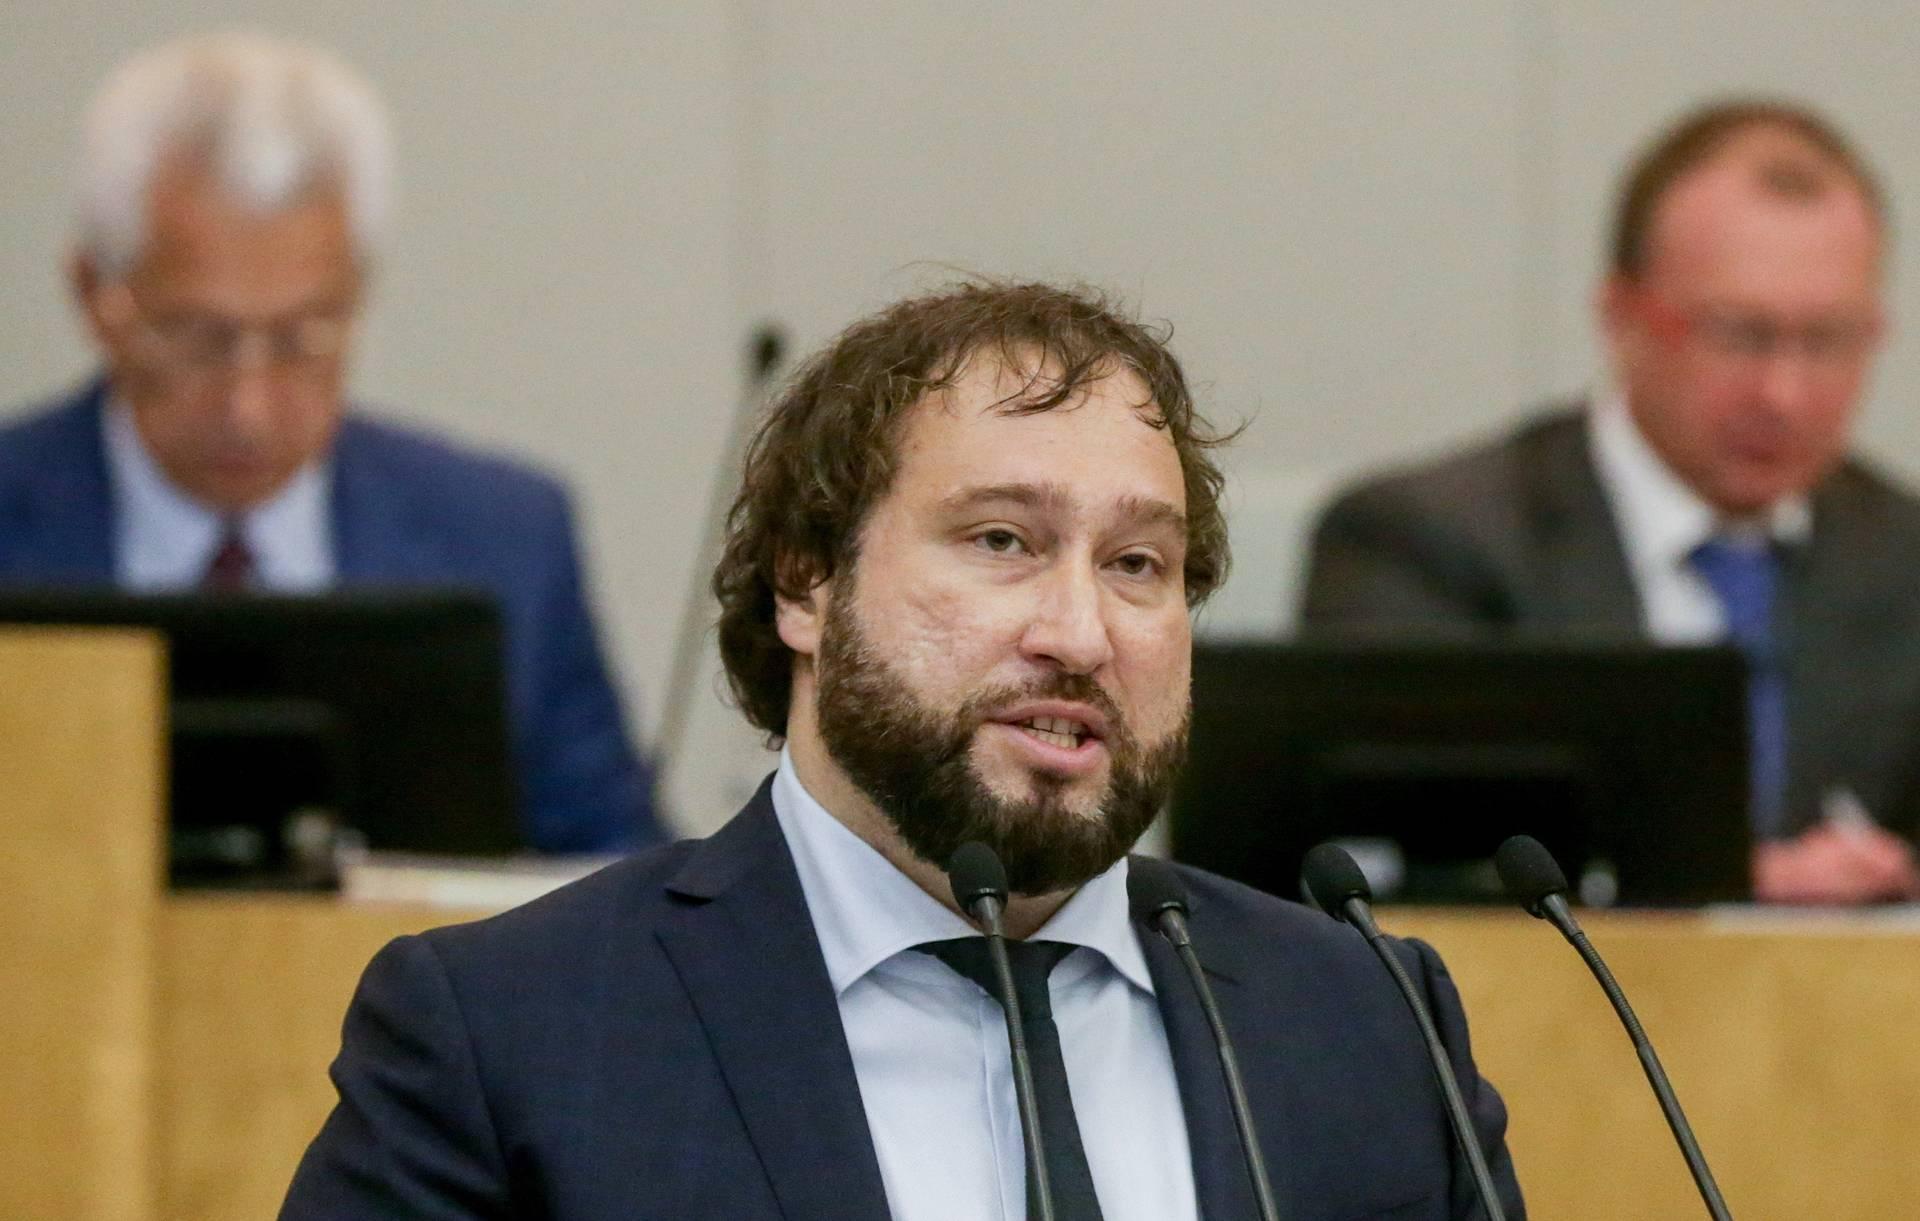 Депутат Горелкин объяснил, зачем он внёс законопроект о национализации «Яндекса» - 1